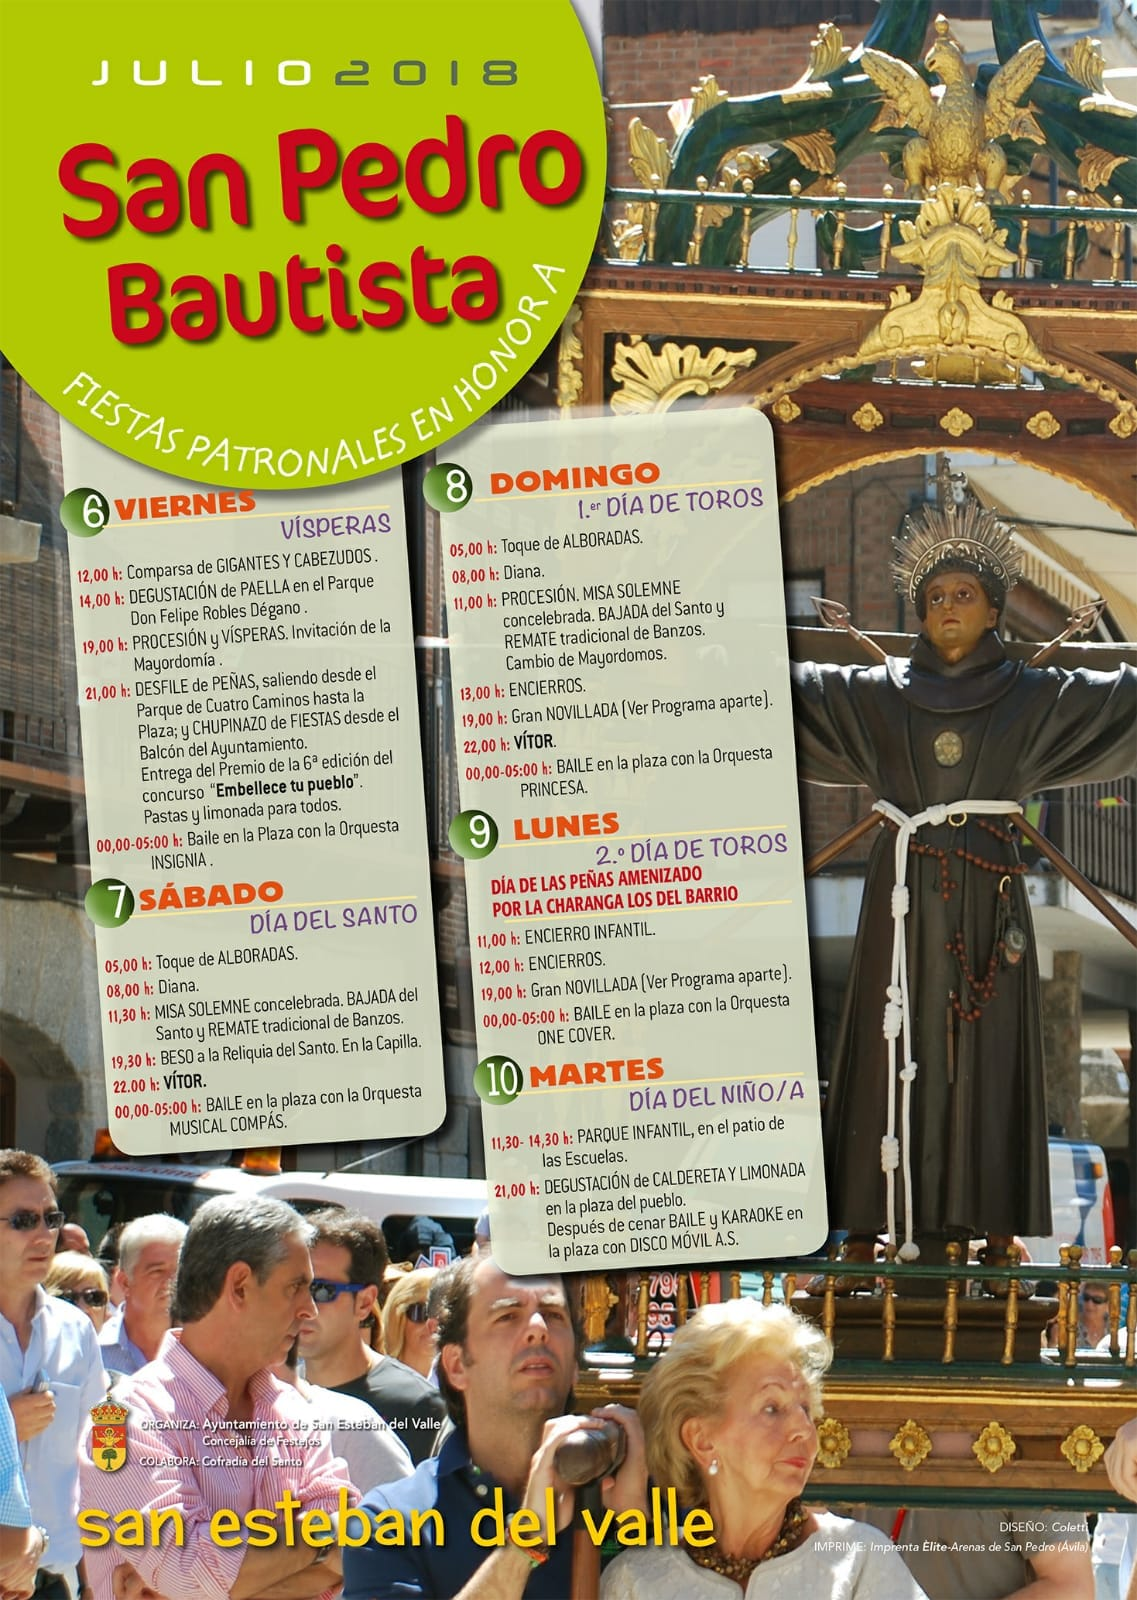 Fiestas de San Pedro Bautista en San Esteban del Valle 2018 - TiétarTeVe